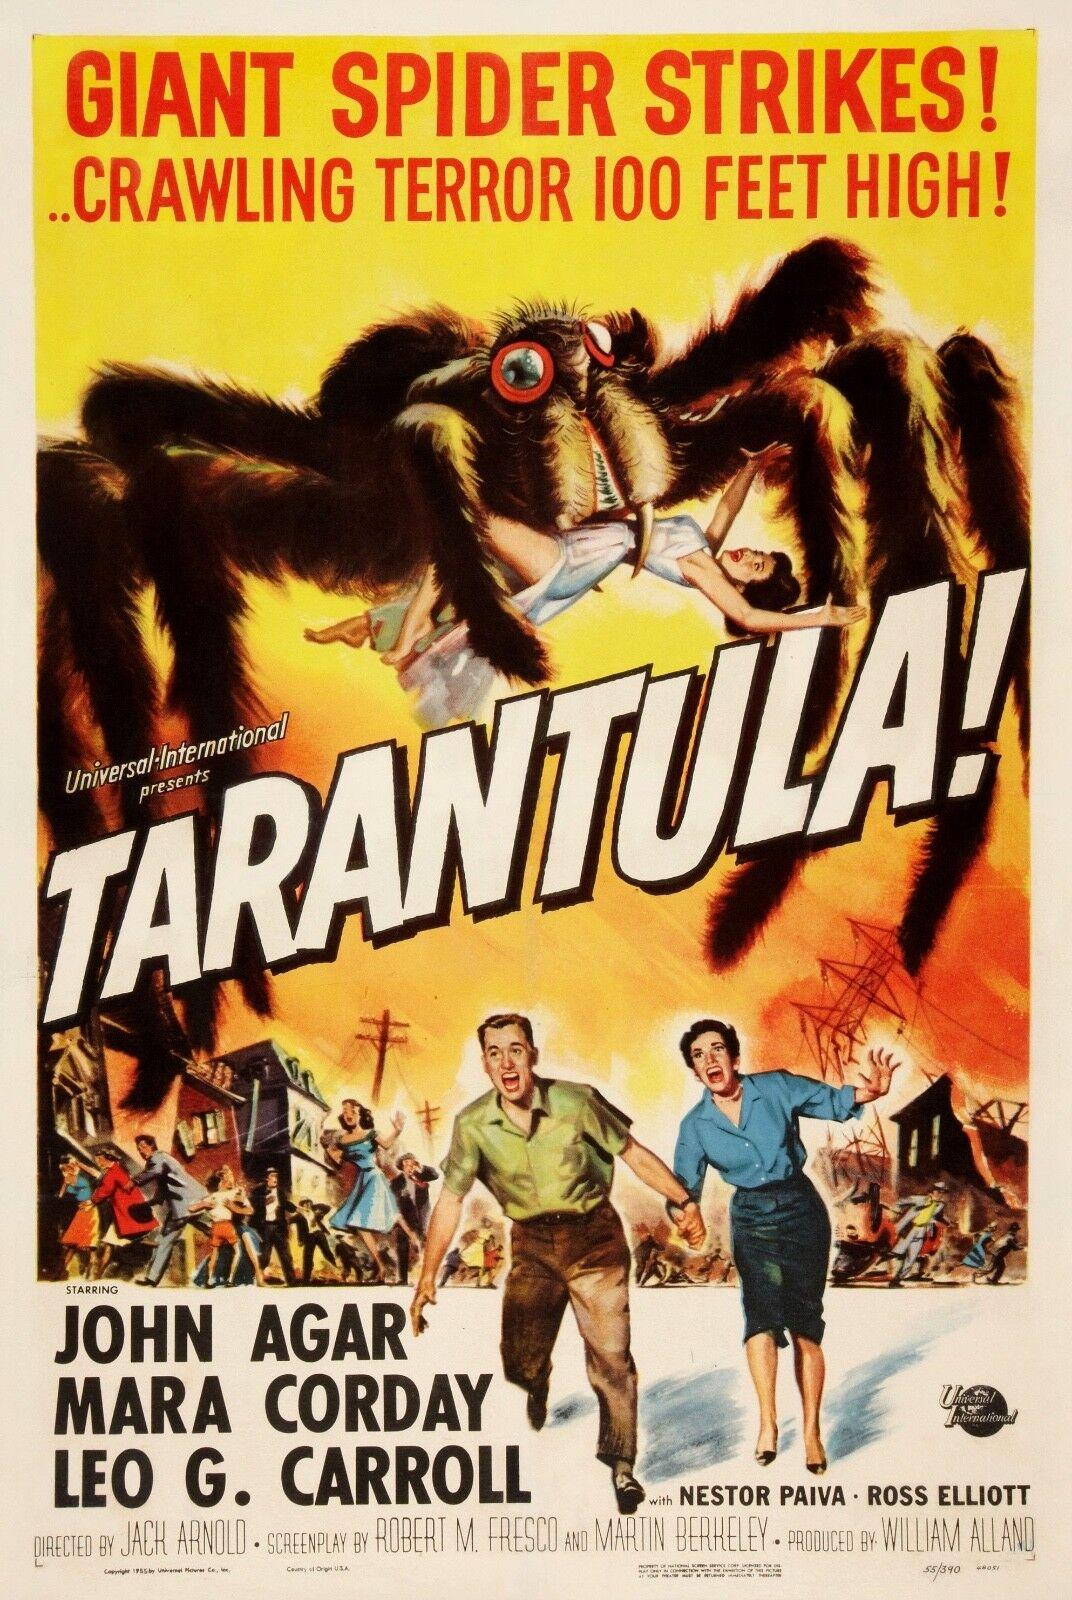 Tarantula Vieux Vieux Vieux Film Poster Toile Boîte/Photo/Art Imprimé 2dd370